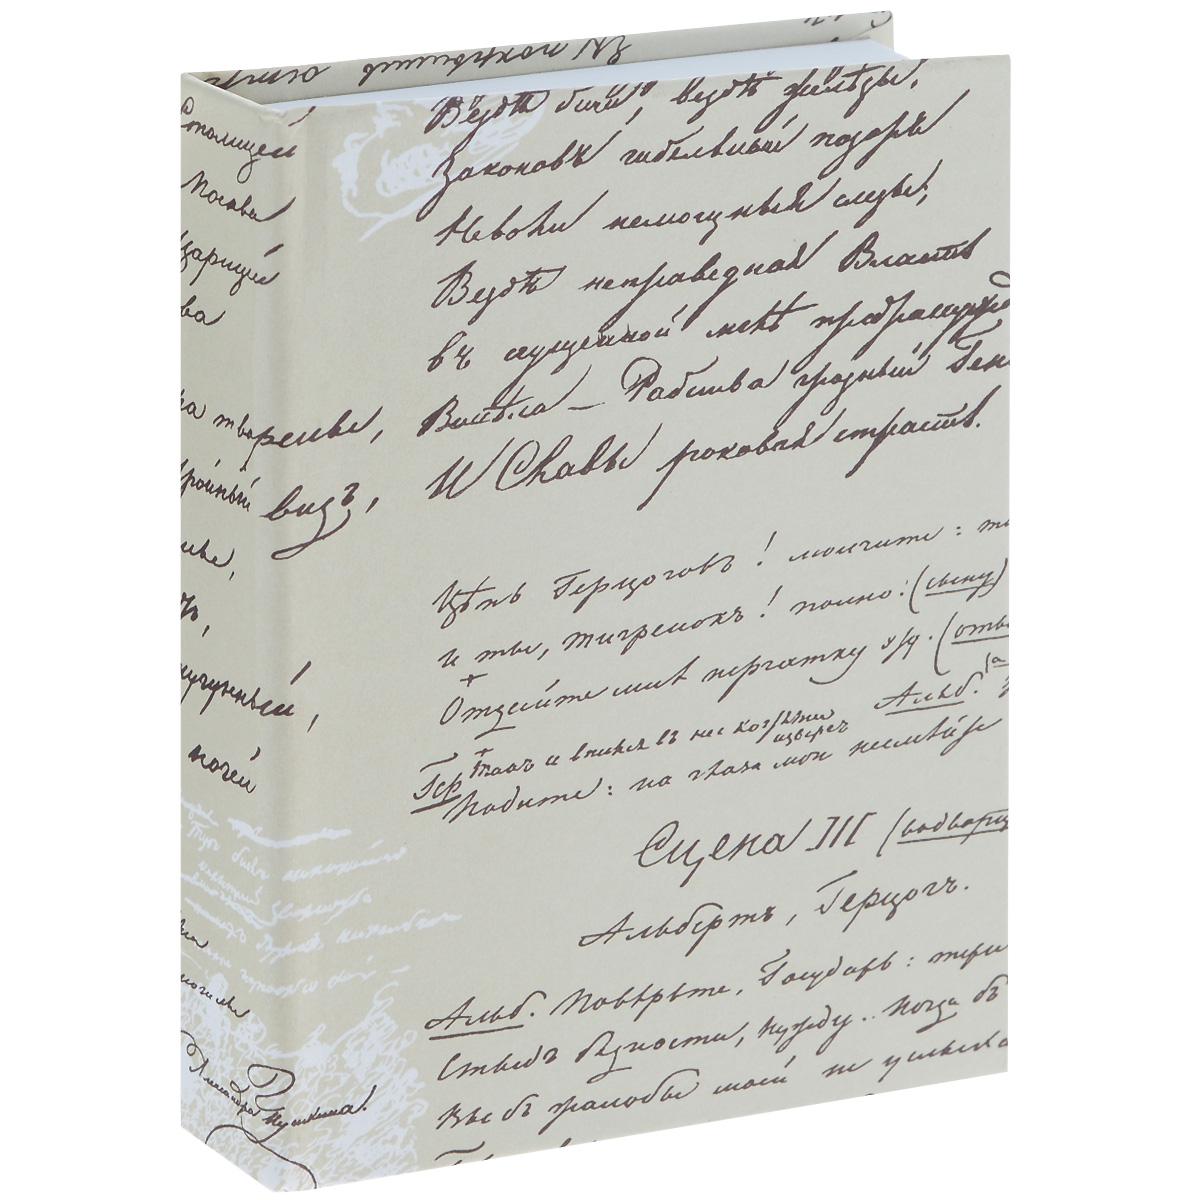 Блокнот Власта Артбук. Пушкин, 7,5 см х 10 см, 150 листов12-05/ГПБлокнот Власта Артбук. Пушкин с отрывными листами предназначен для набросков и записей. Жесткая картонная обложка украшена изображением рукописей А. С. Пушкина. Блок содержит 150 белых листов без разметок размера 7,5 см х 10 см с логотипом Artbook. Такой блокнот удобен тем, что может легко умещаться в дамской сумочке и в барсетке. Жесткая (книжная) обложка предохраняет листы от порчи и замятия. Общий размер блокнота: 8 см х 10,5 см. Количество листов: 150. Размер листов: 7,5 см х 10 см.